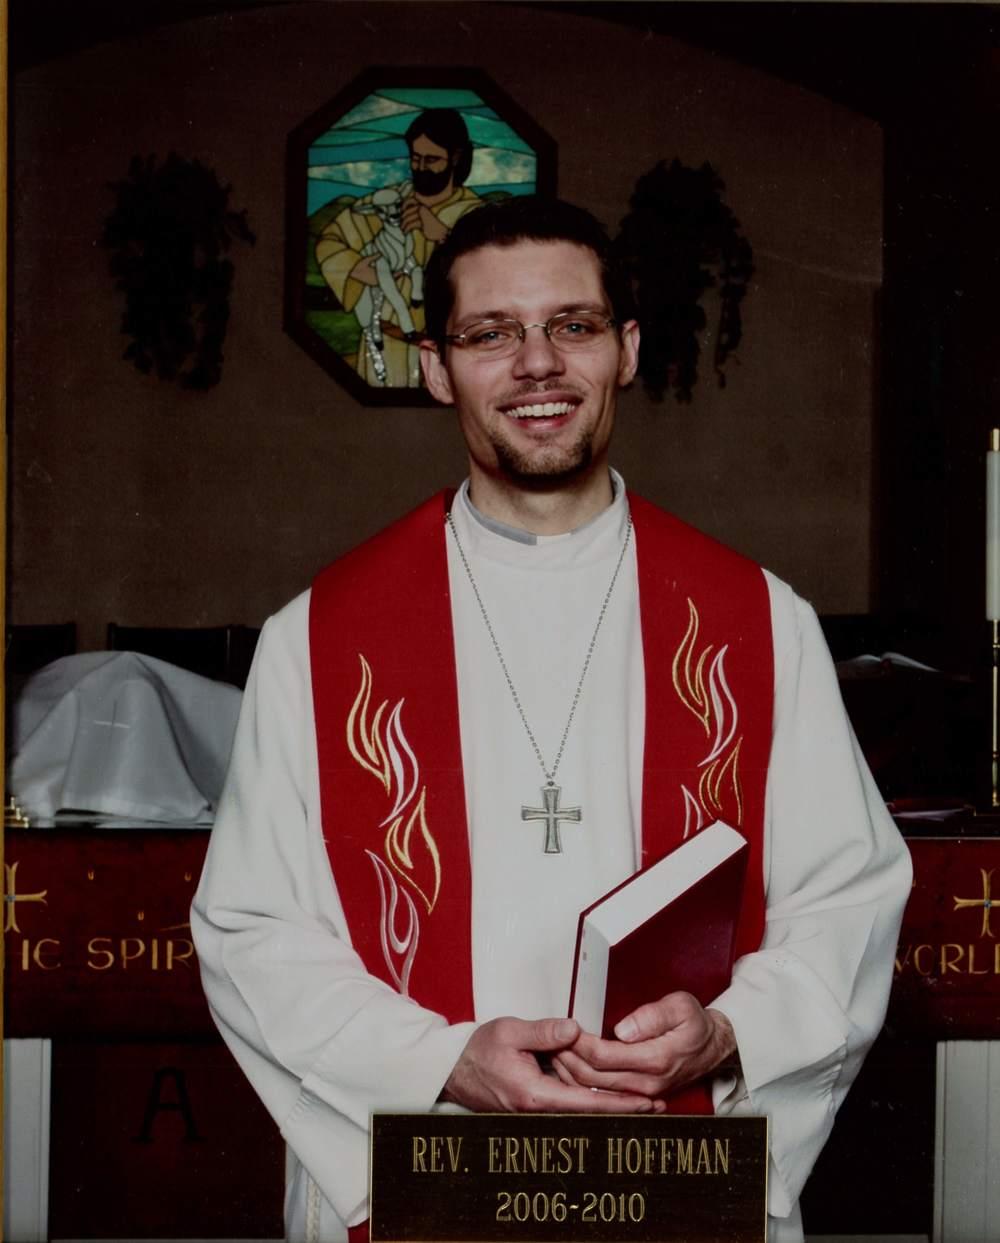 Rev. Ernest Hoffman